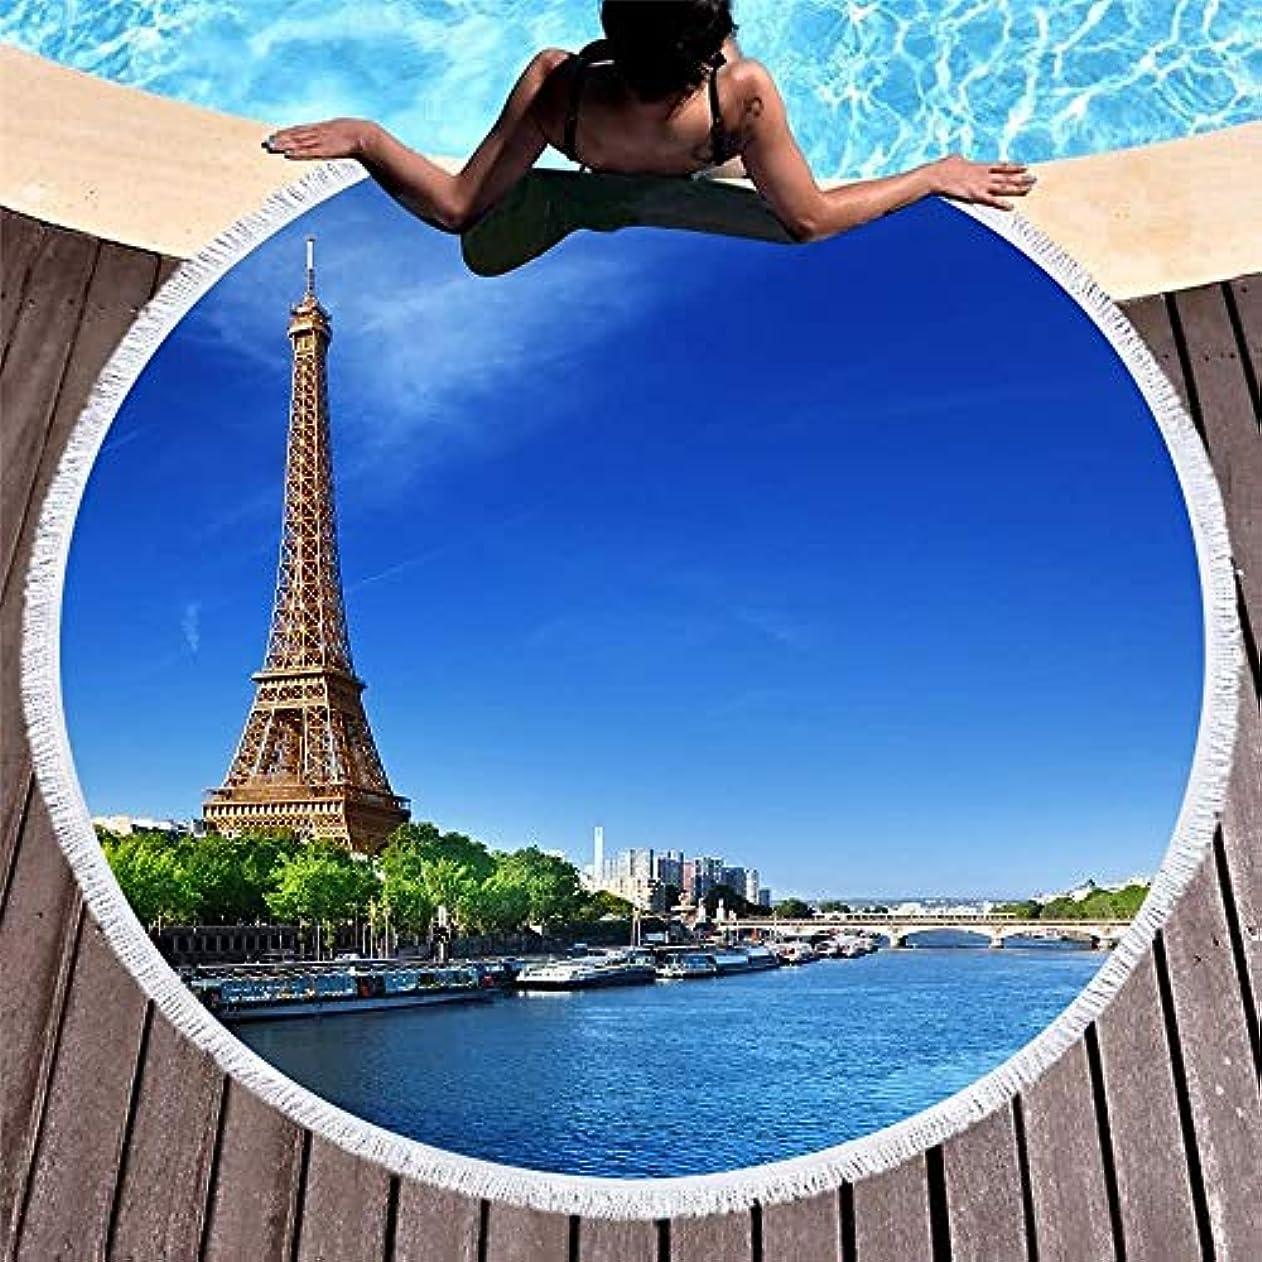 想起眠る音建物エッフェル塔プリントタッセル付きマイクロファイバーピクニックプール用ヨガマット150cmラウンドビーチタオル (色 : 10, サイズ : 150CM)